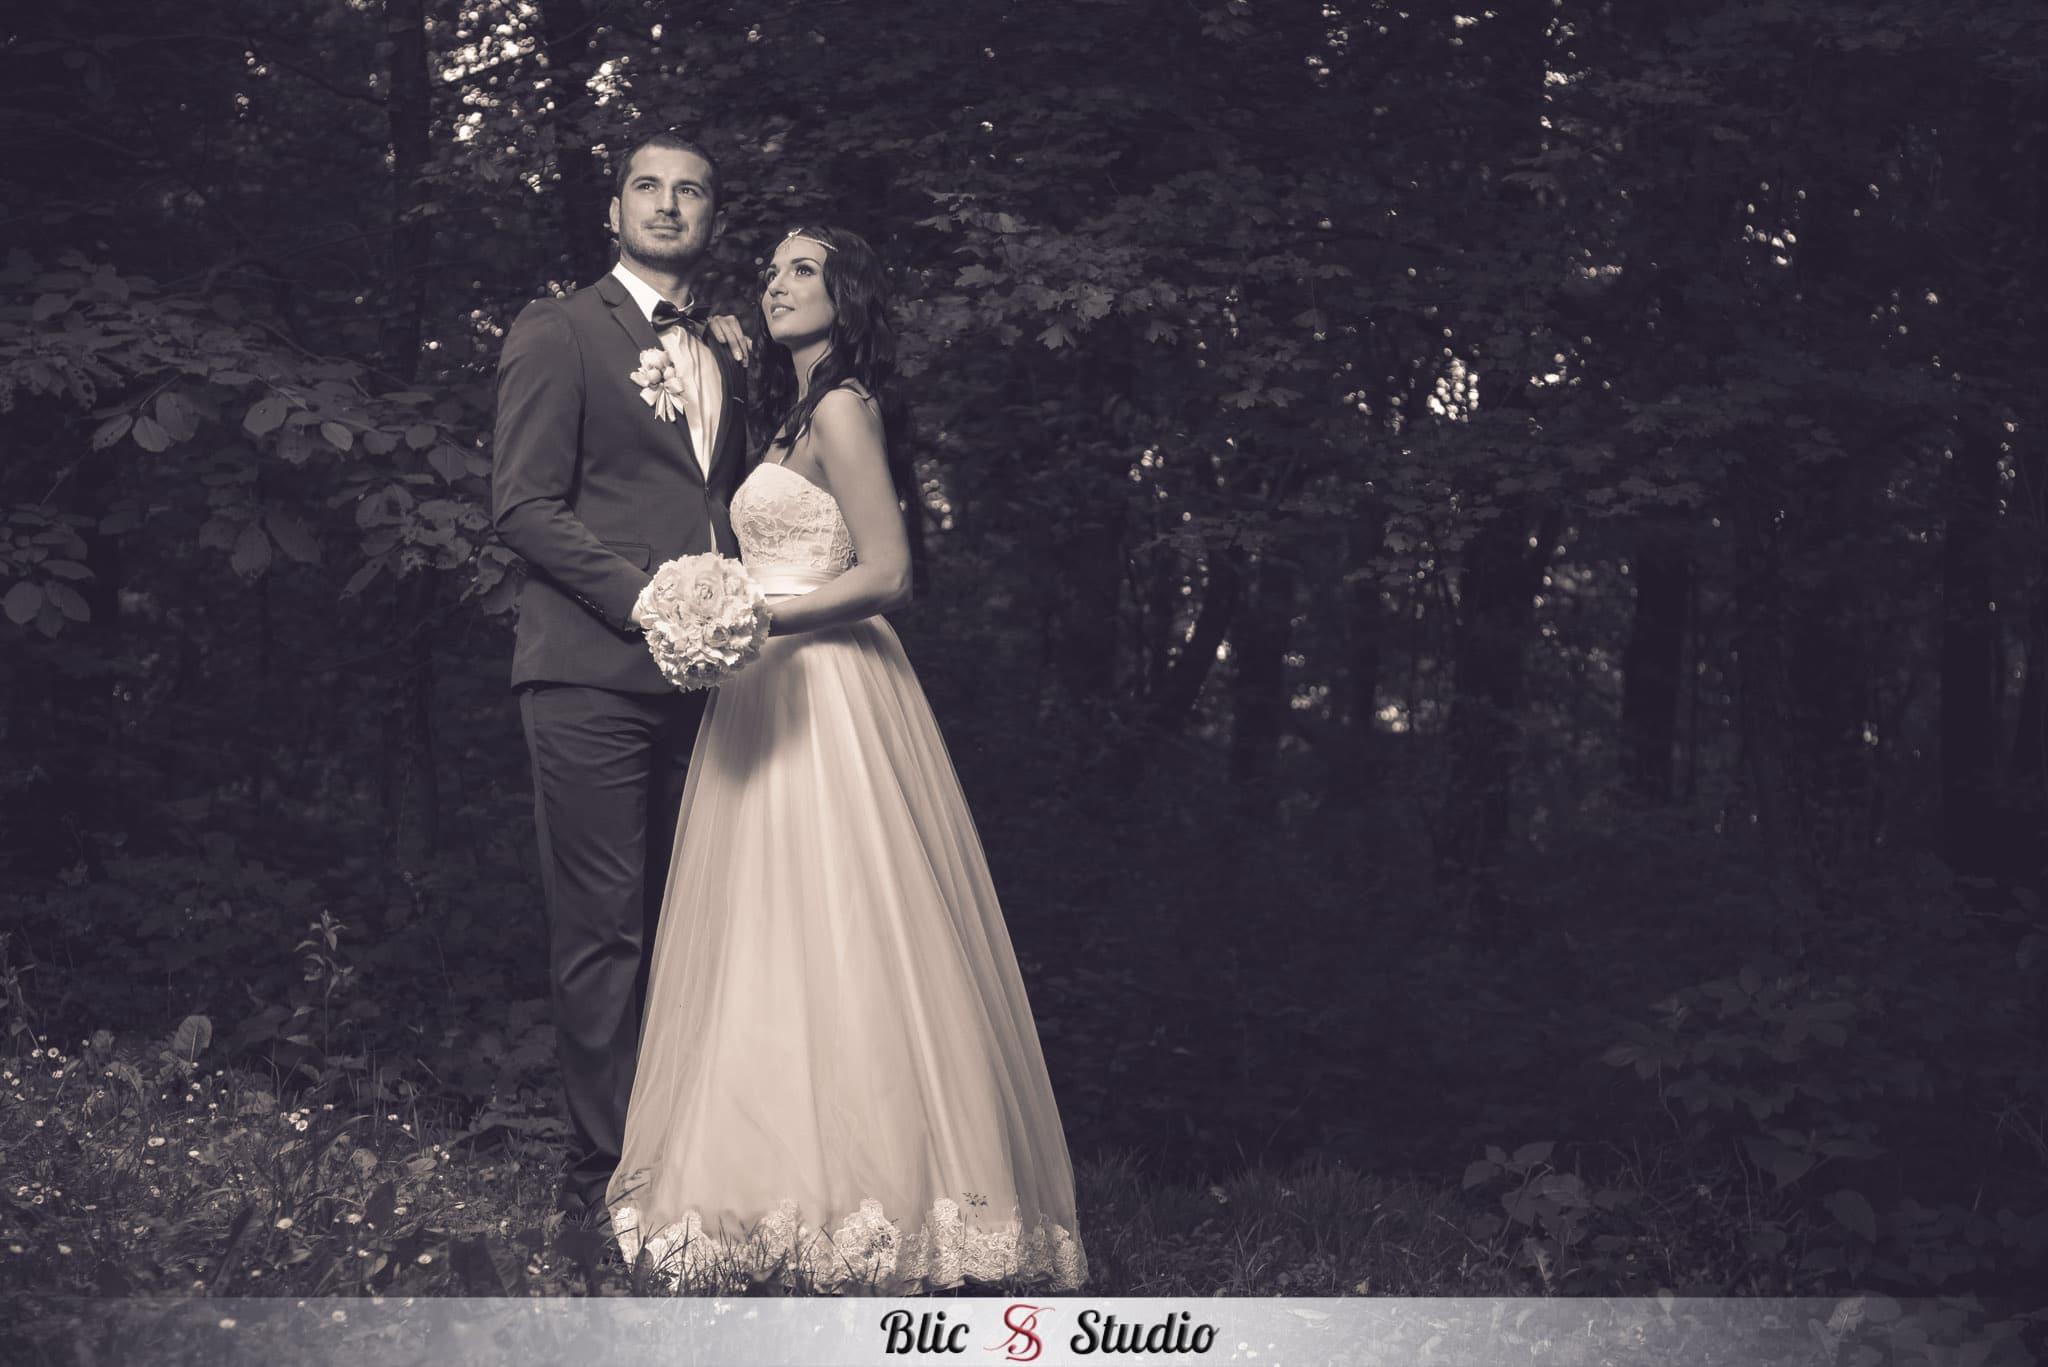 Fotograf_za_vjenčanje_foto_studio_blic_marincel (12)